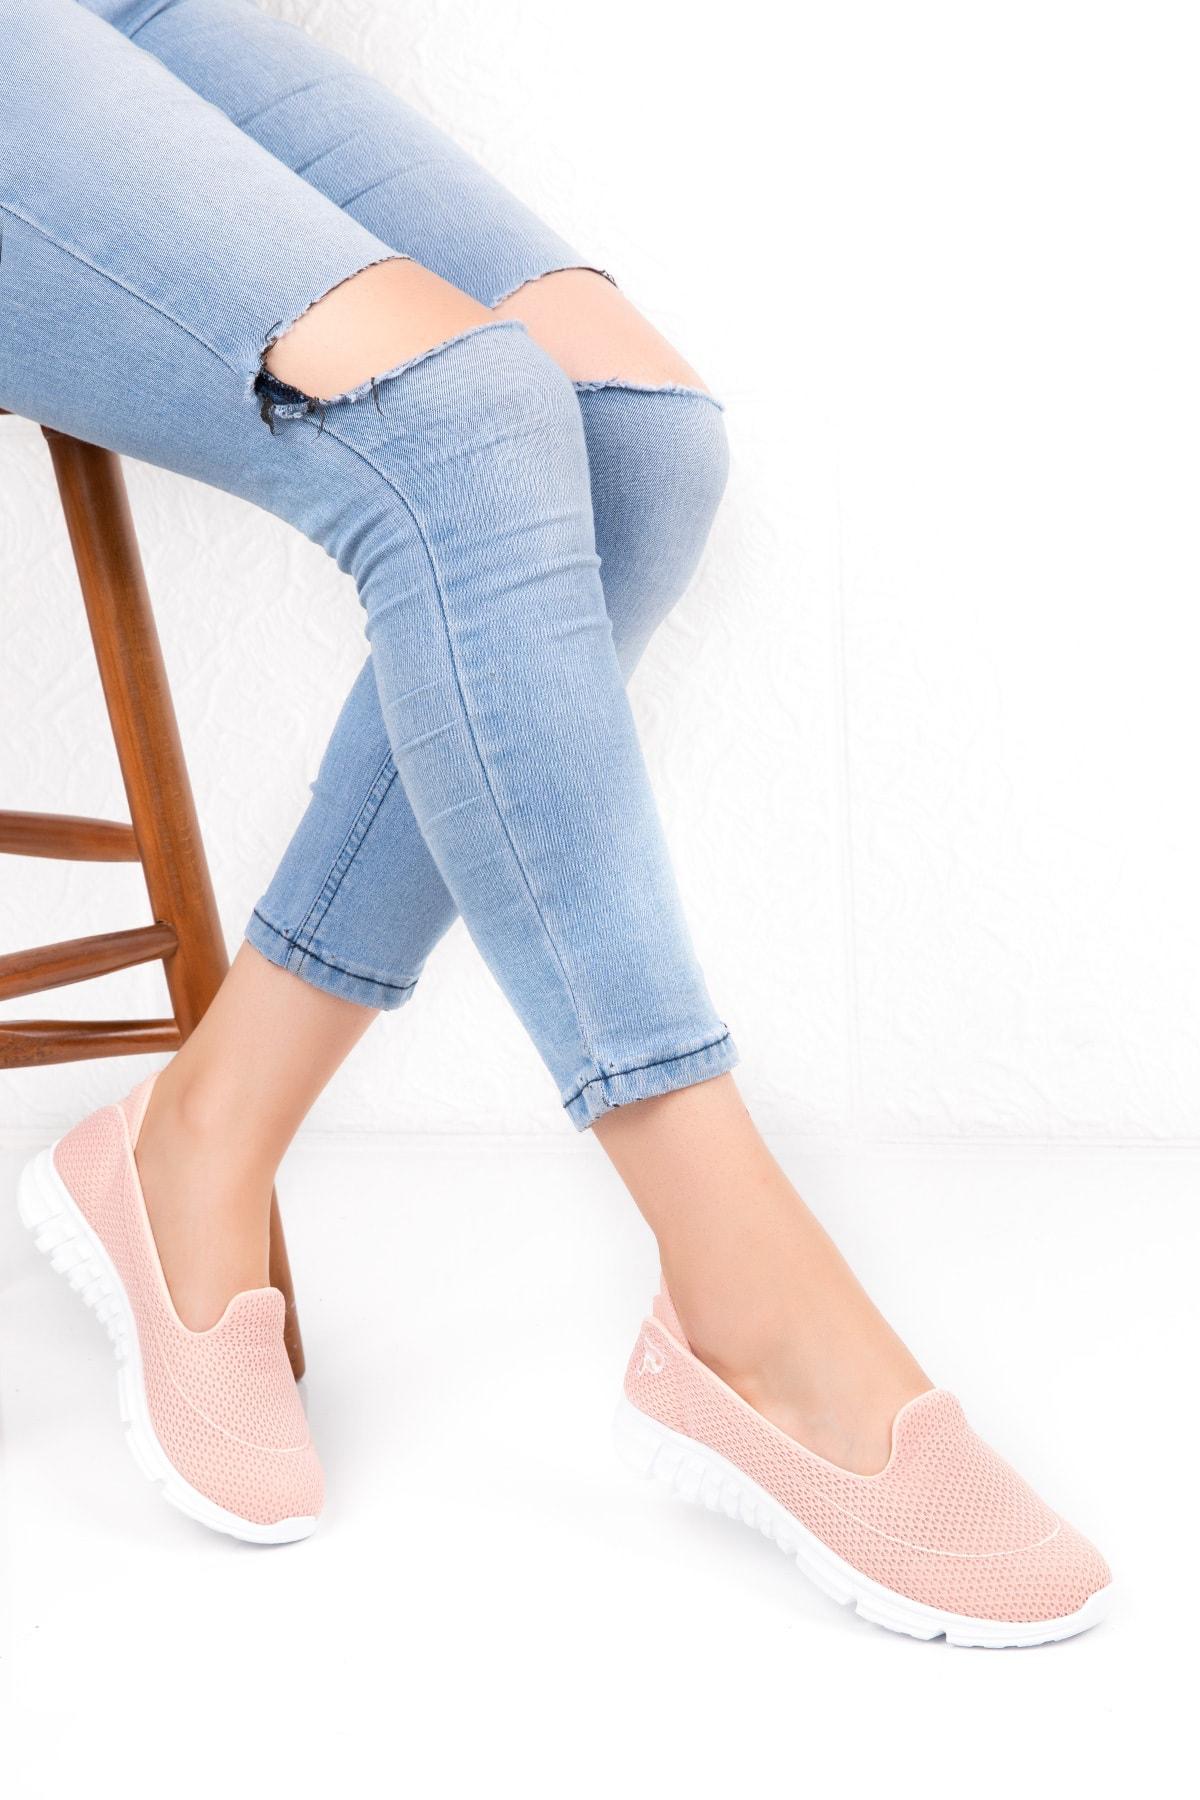 Kadın Somon Memory Ortopedik Taban Günlük Ayakkabı Çpç.001